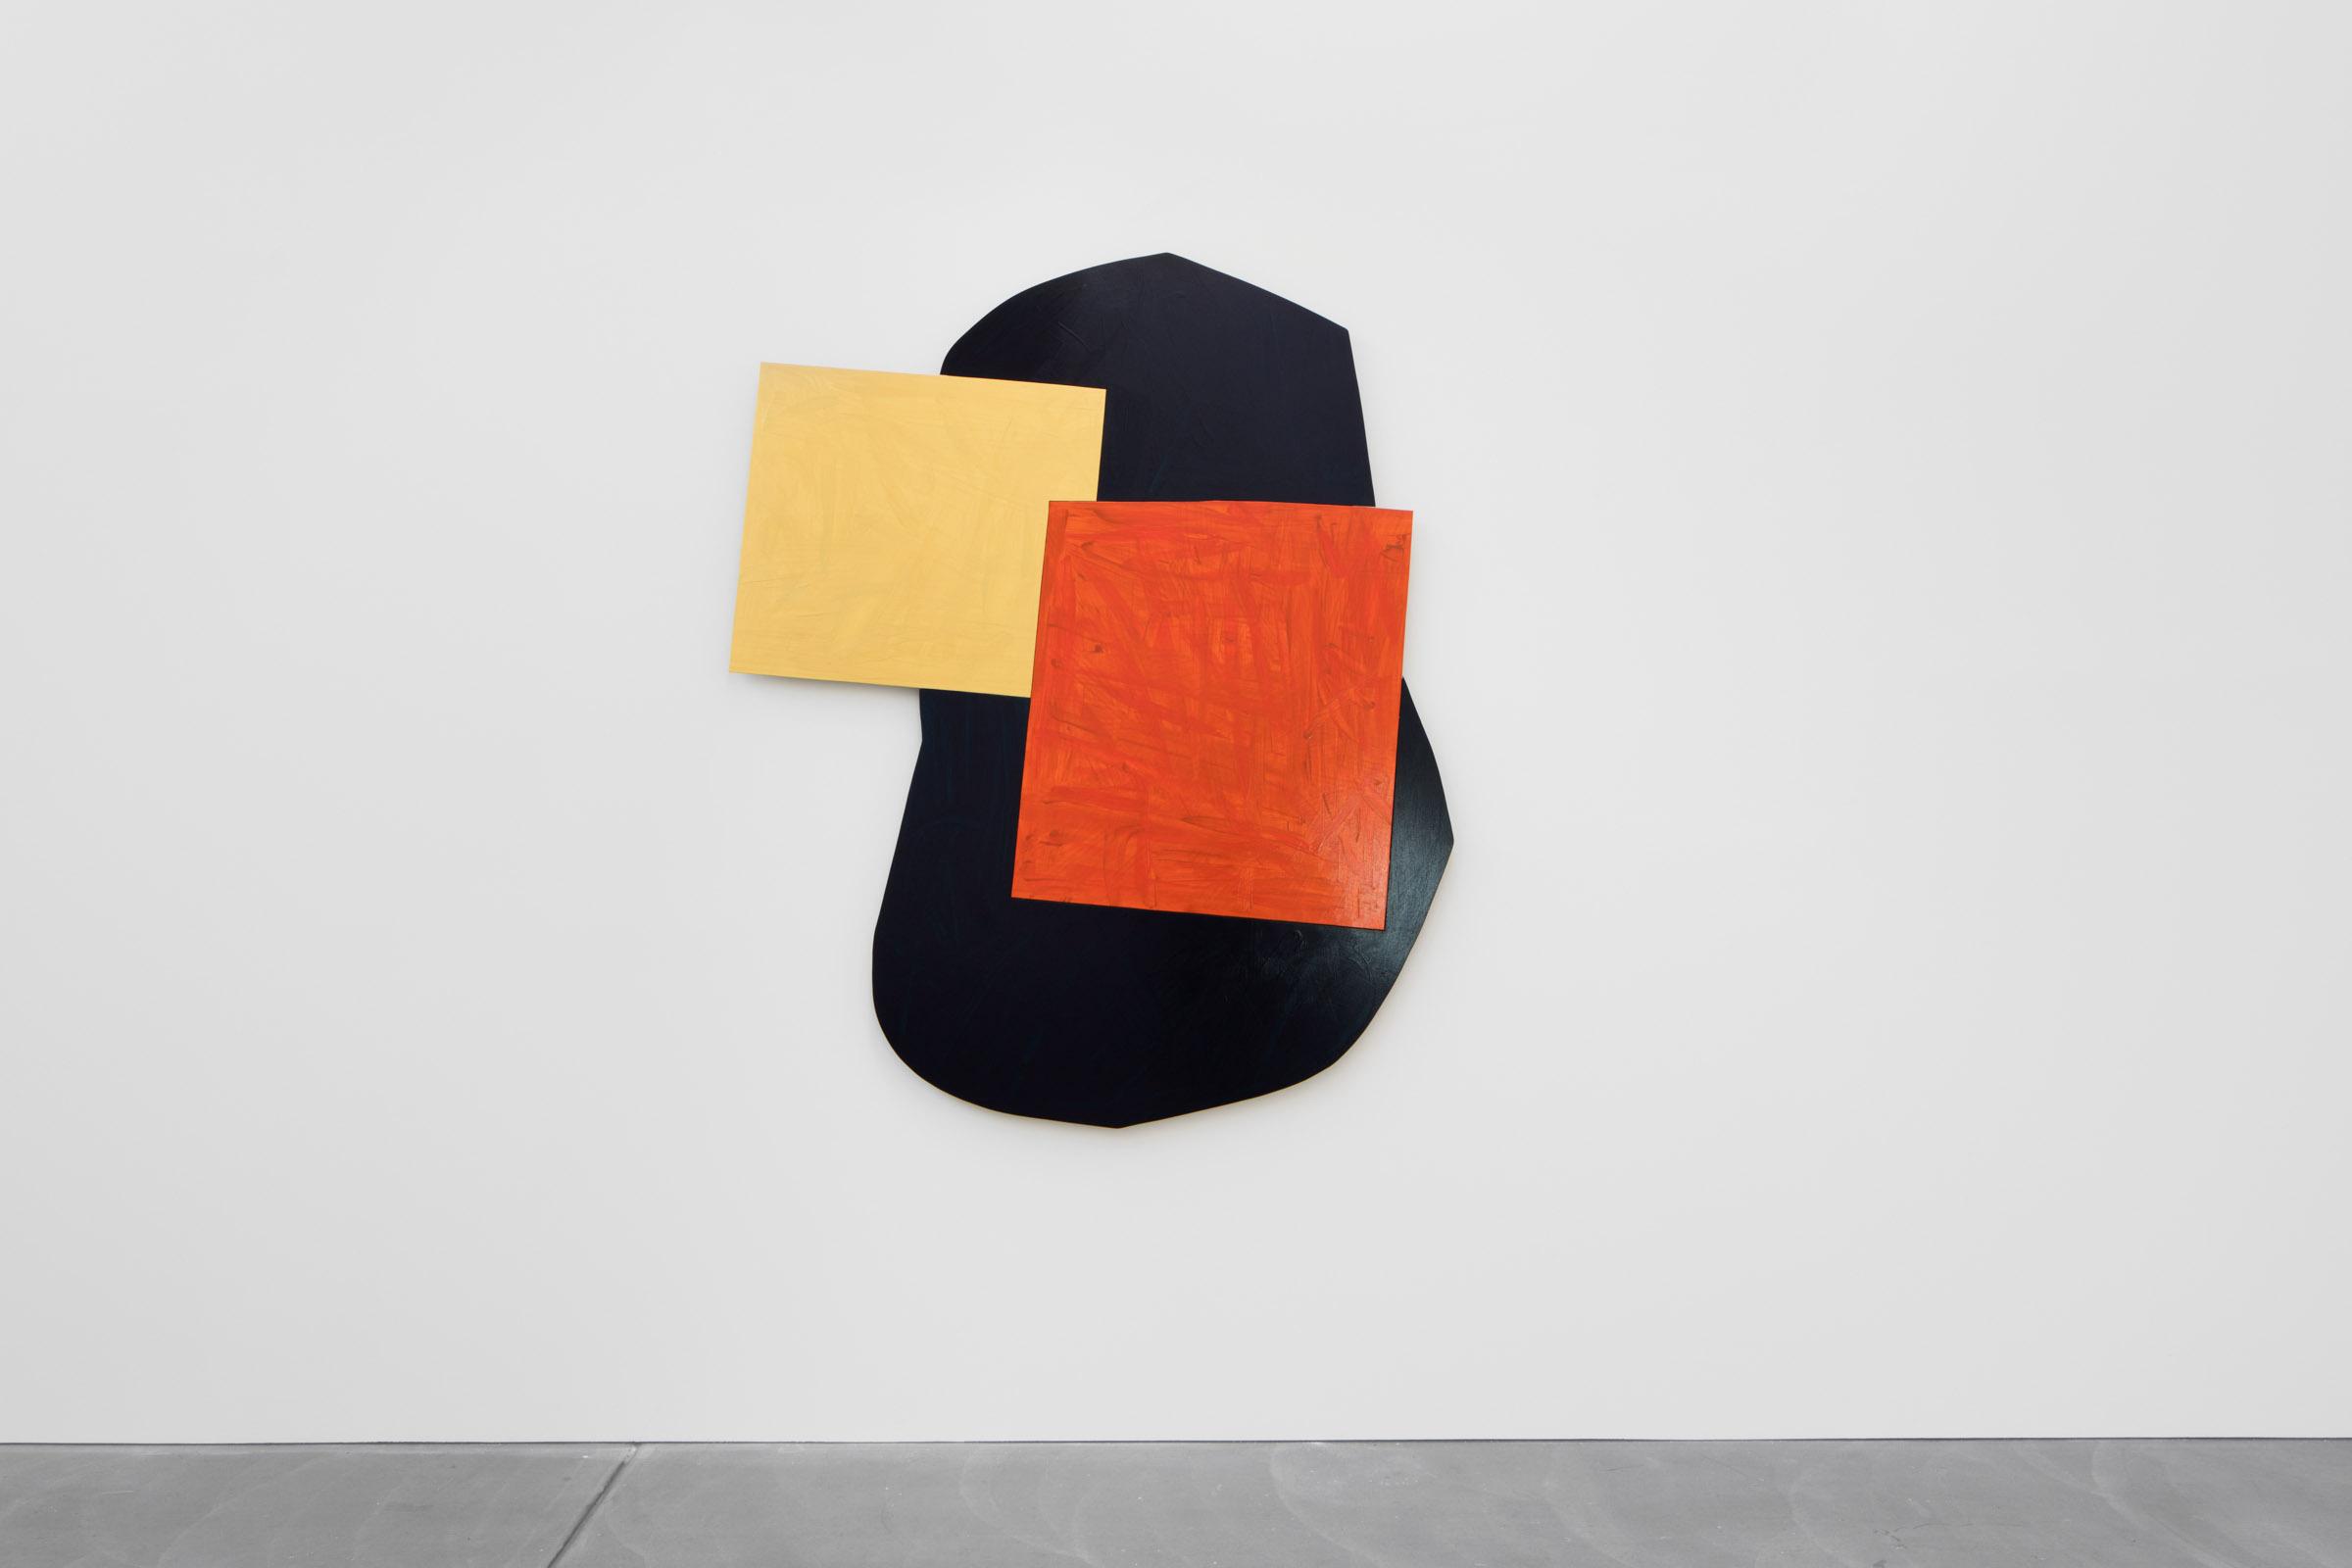 Galerie von Bartha_Imi Knoebel_Juni 2017_15_HighRes-2